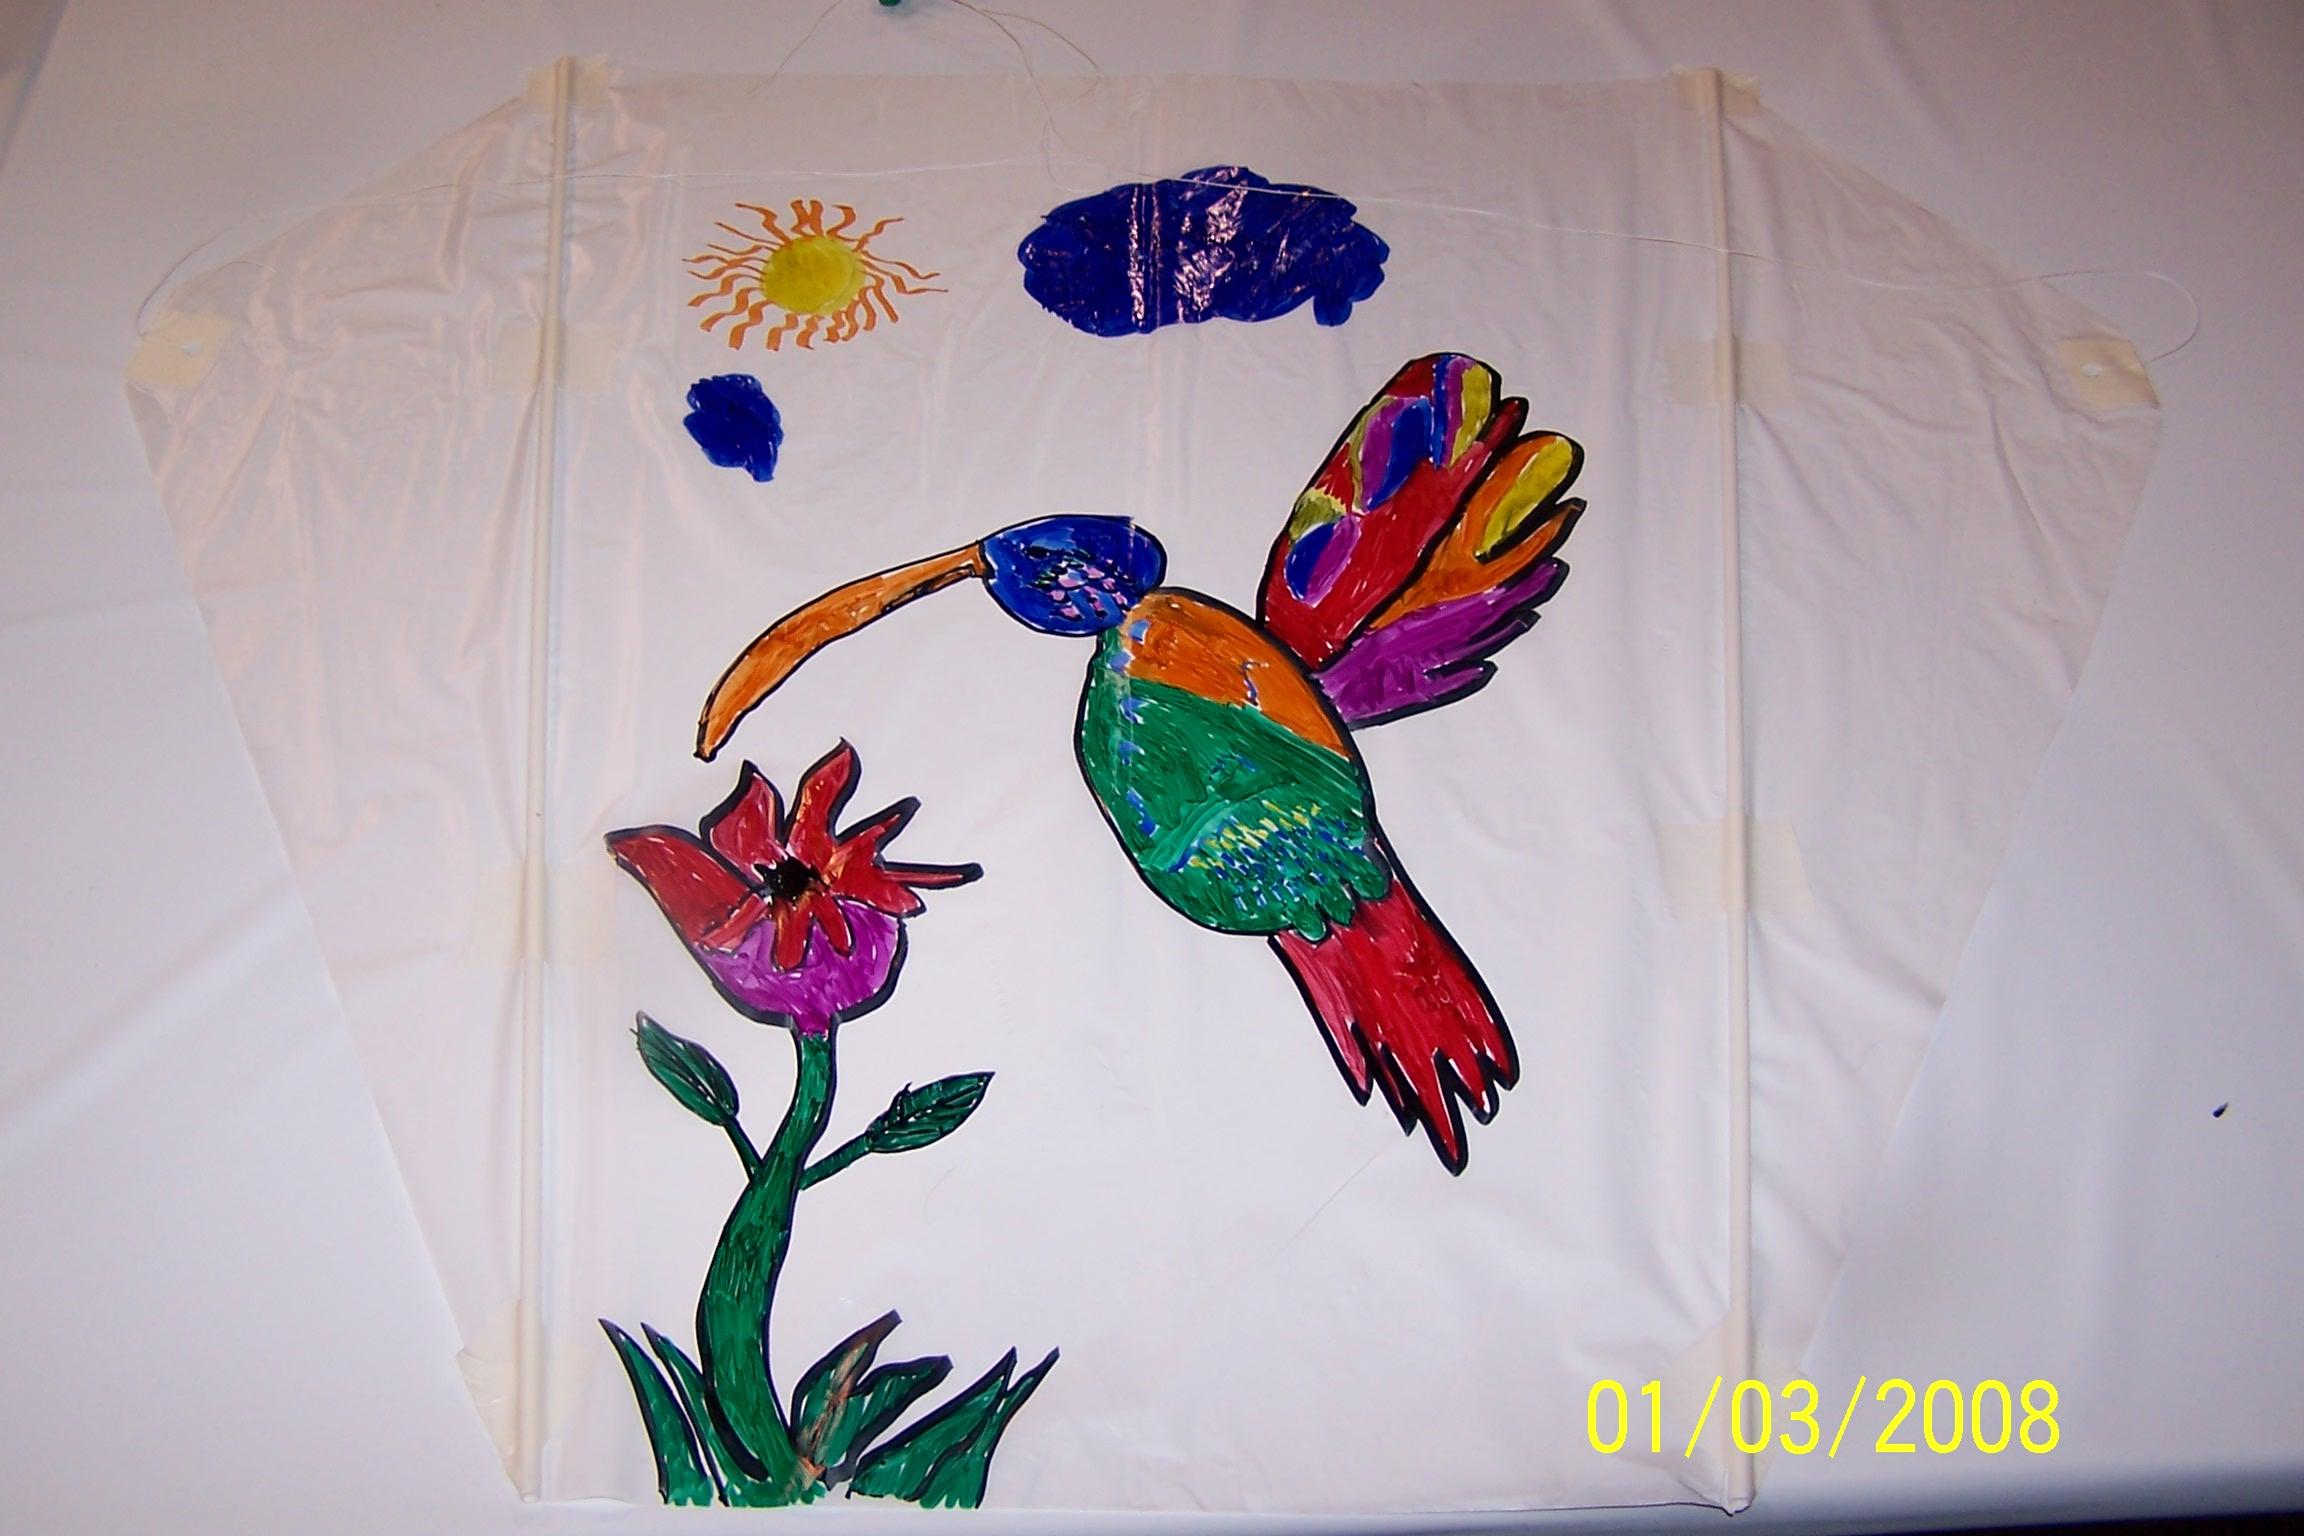 Un oiseau mouche sur ce cerf volant bravo l 39 enfant qui a fait ce dessin salon brico expo 2008 - Oiseau mouche dessin ...